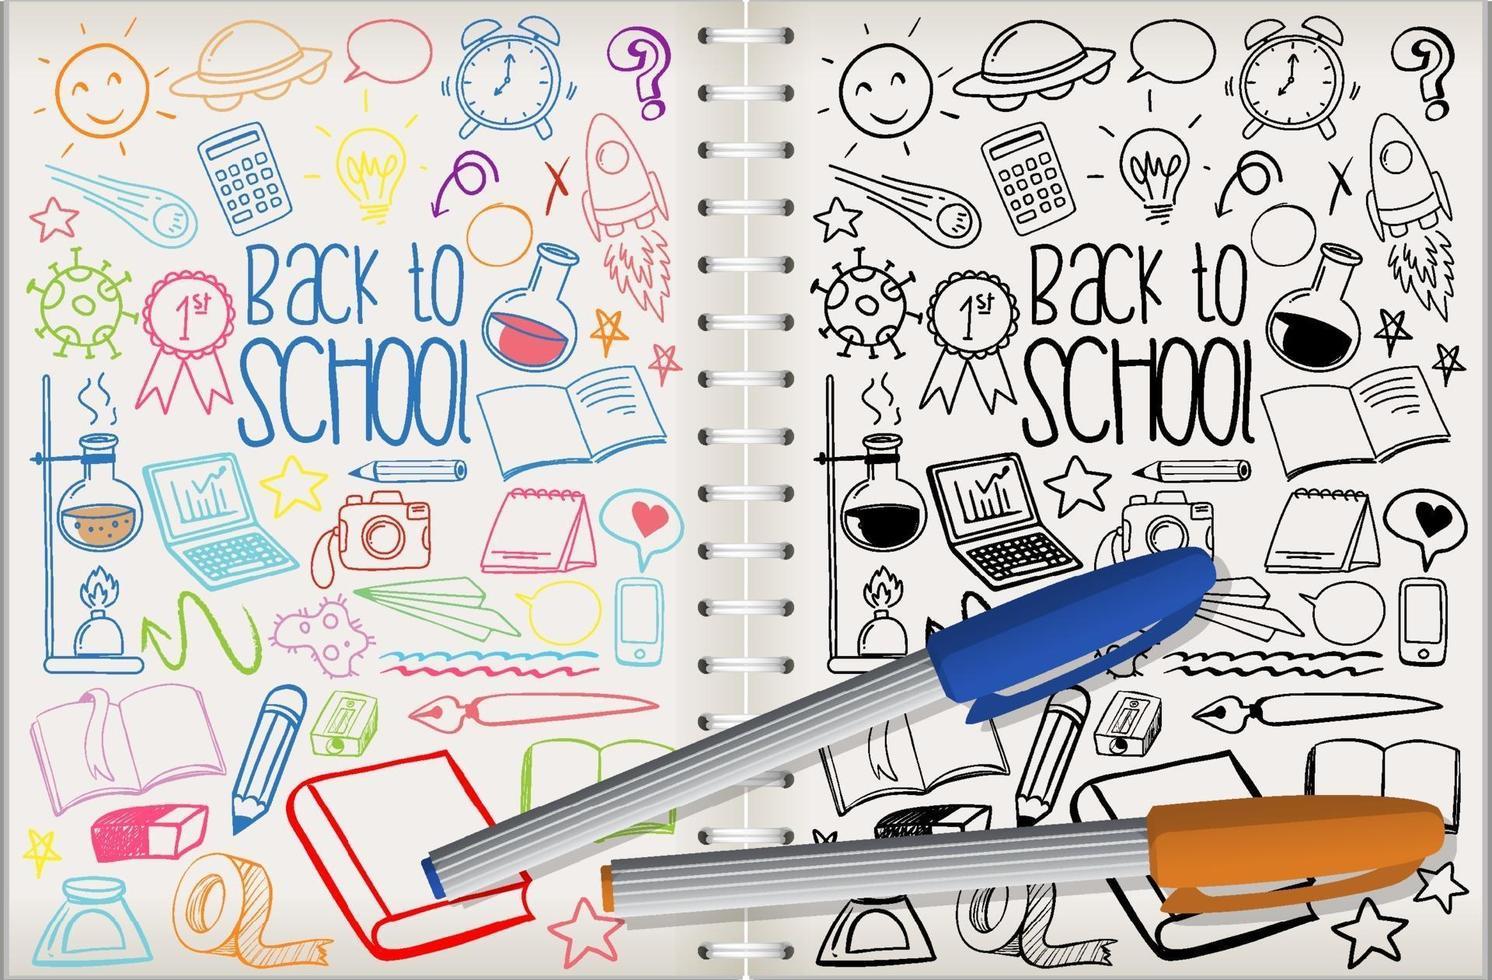 uppsättning skola element klotter på anteckningsboken vektor